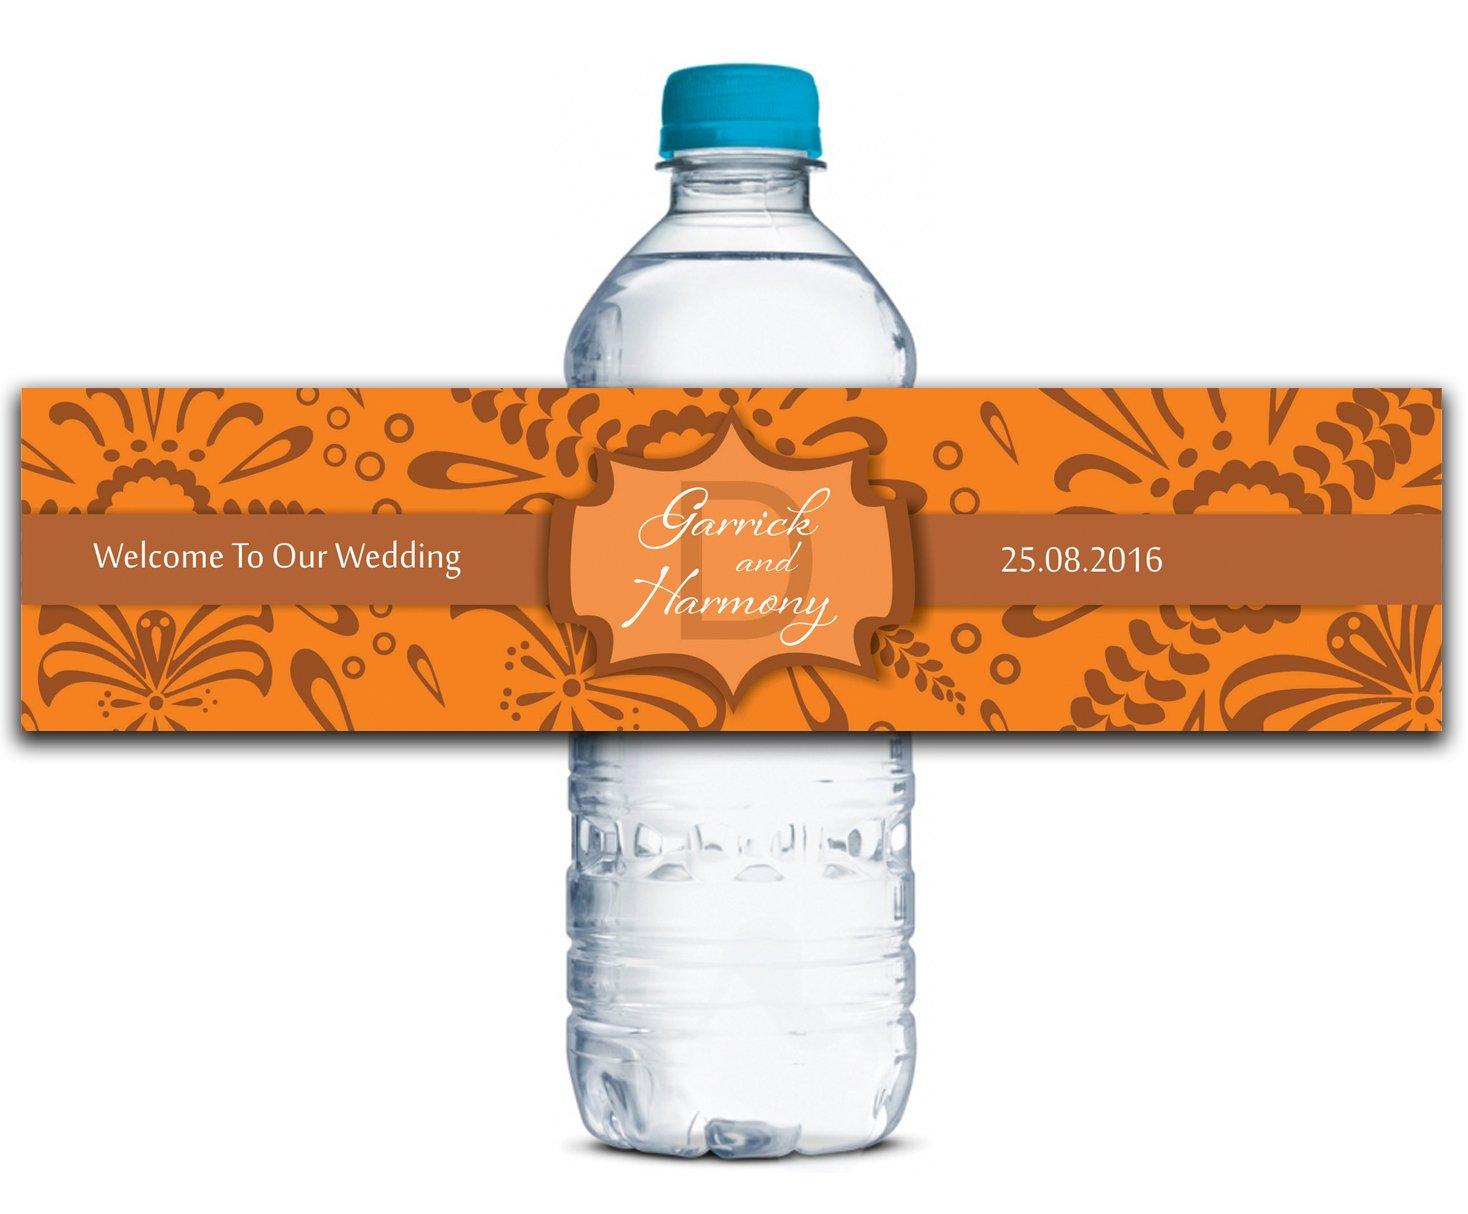 Personalisierte Personalisierte Personalisierte Wasserflasche Etiketten Selbstklebende wasserdichte Kundenspezifische Geburtstags-Aufkleber 8  x 2  Zoll - 50 Etiketten B01A0W5GMY | Hohe Qualität und geringer Aufwand  7bd1e2